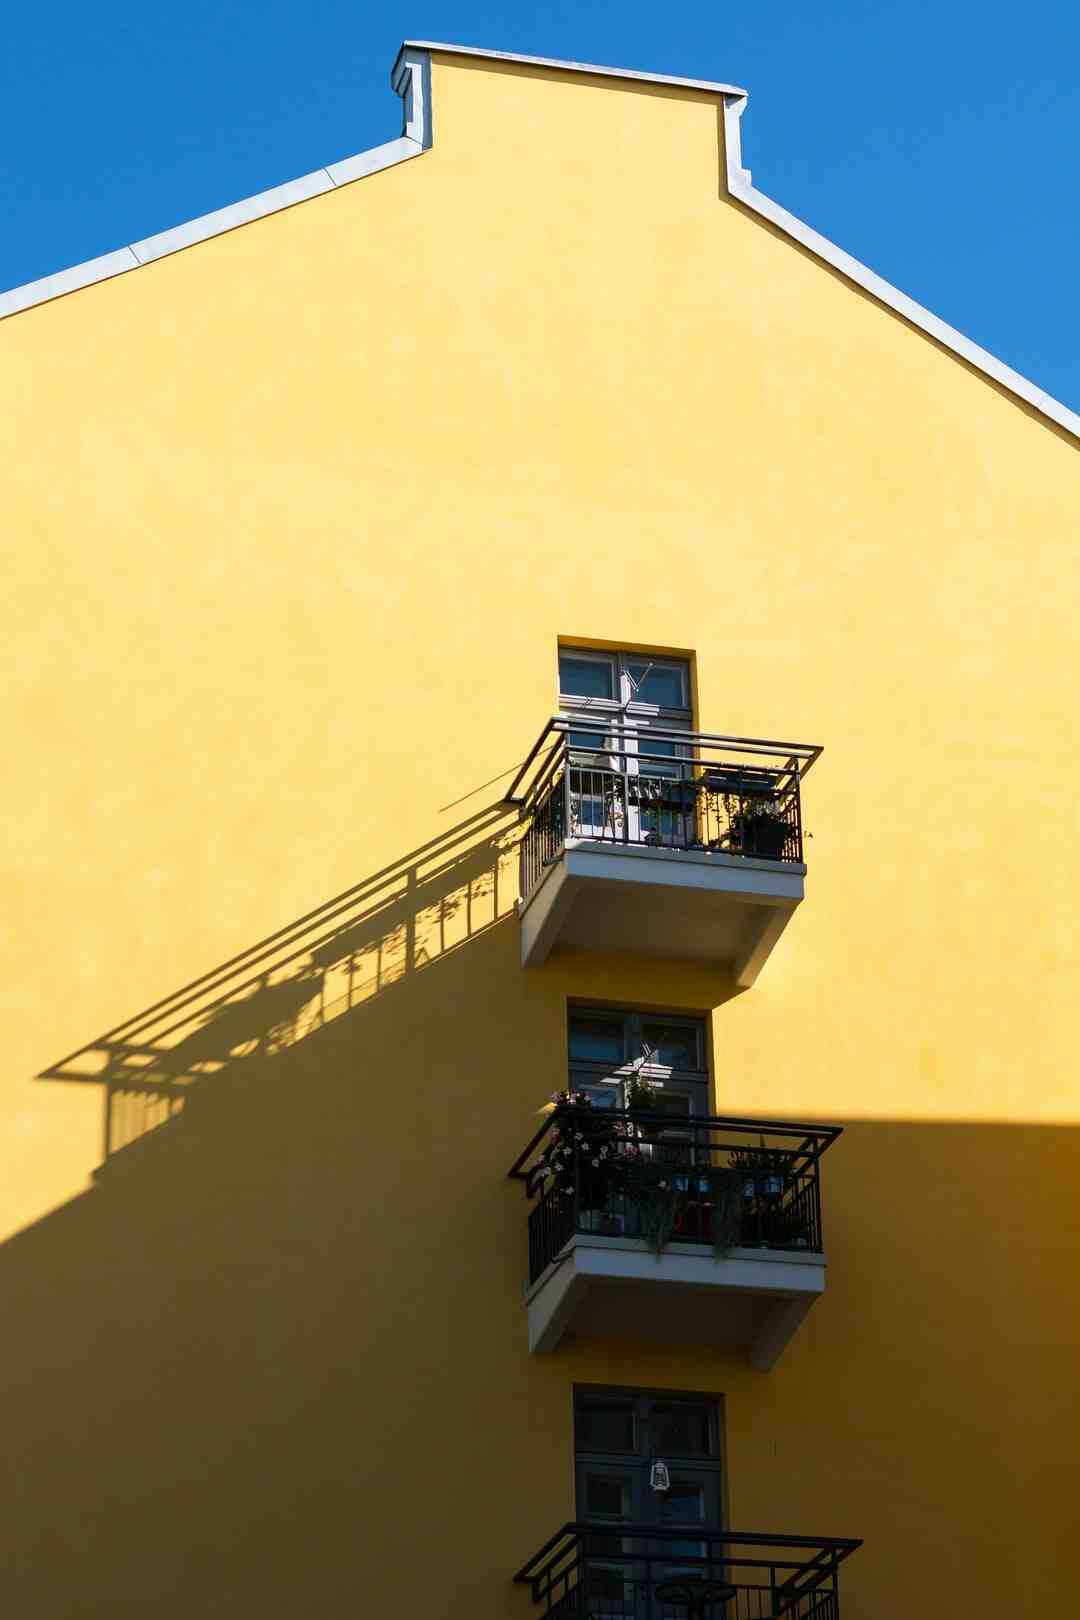 Comment agrandir visuellement un balcon ?